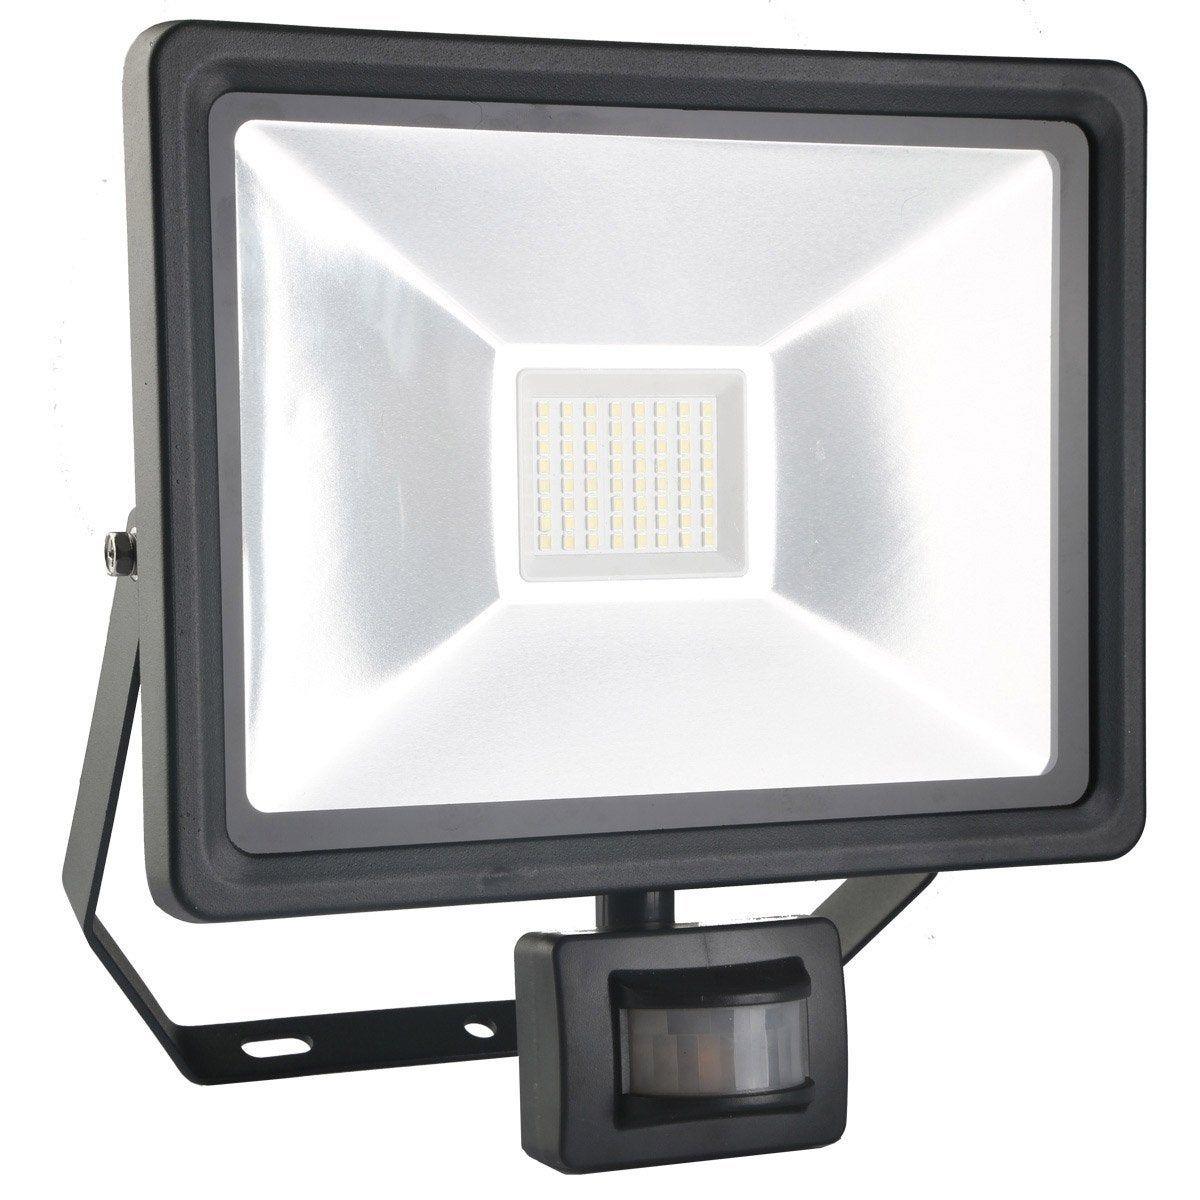 Projecteur A Fixer A Detection Exterieur Led Integree 50 W 3750 Lm Noir Inspire Projecteur Led Et Noir